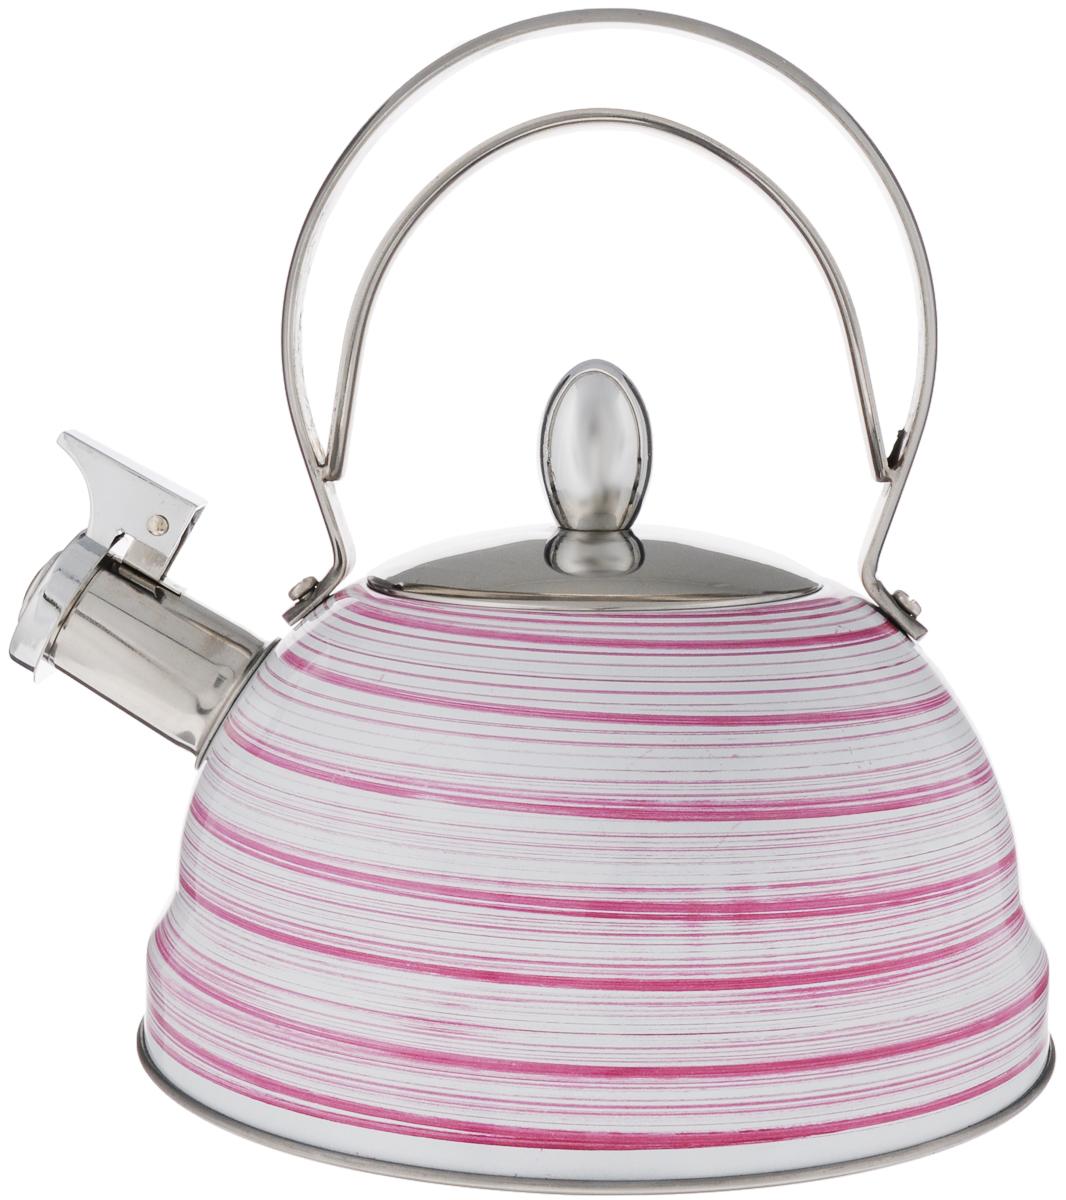 Чайник Mayer & Boch, со свистком, цвет: белый, розовый, стальной, 2,8 л. 2142021420_розовыйЧайник Mayer & Boch выполнен из высококачественной нержавеющей стали, что делает его весьма гигиеничным и устойчивым к износу при длительном использовании. Капсулированное дно с прослойкой из алюминия обеспечивает наилучшее распределение тепла. Носик чайника оснащен насадкой-свистком, звуковой сигнал которого подскажет, когда закипит вода. Фиксированная ручка из нержавеющей стали, делает использование чайника очень удобным и безопасным. Поверхность чайника гладкая, что облегчает уход за ним. Эстетичный и функциональный, с эксклюзивным дизайном, чайник будет оригинально смотреться в любом интерьере.Подходит для всех типов плит, включая индукционные. Можно мыть в посудомоечной машине. Высота чайника (без учета ручки и крышки): 10,5 см.Высота чайника (с учетом ручки и крышки): 23 см.Диаметр чайника (по верхнему краю): 10 см.